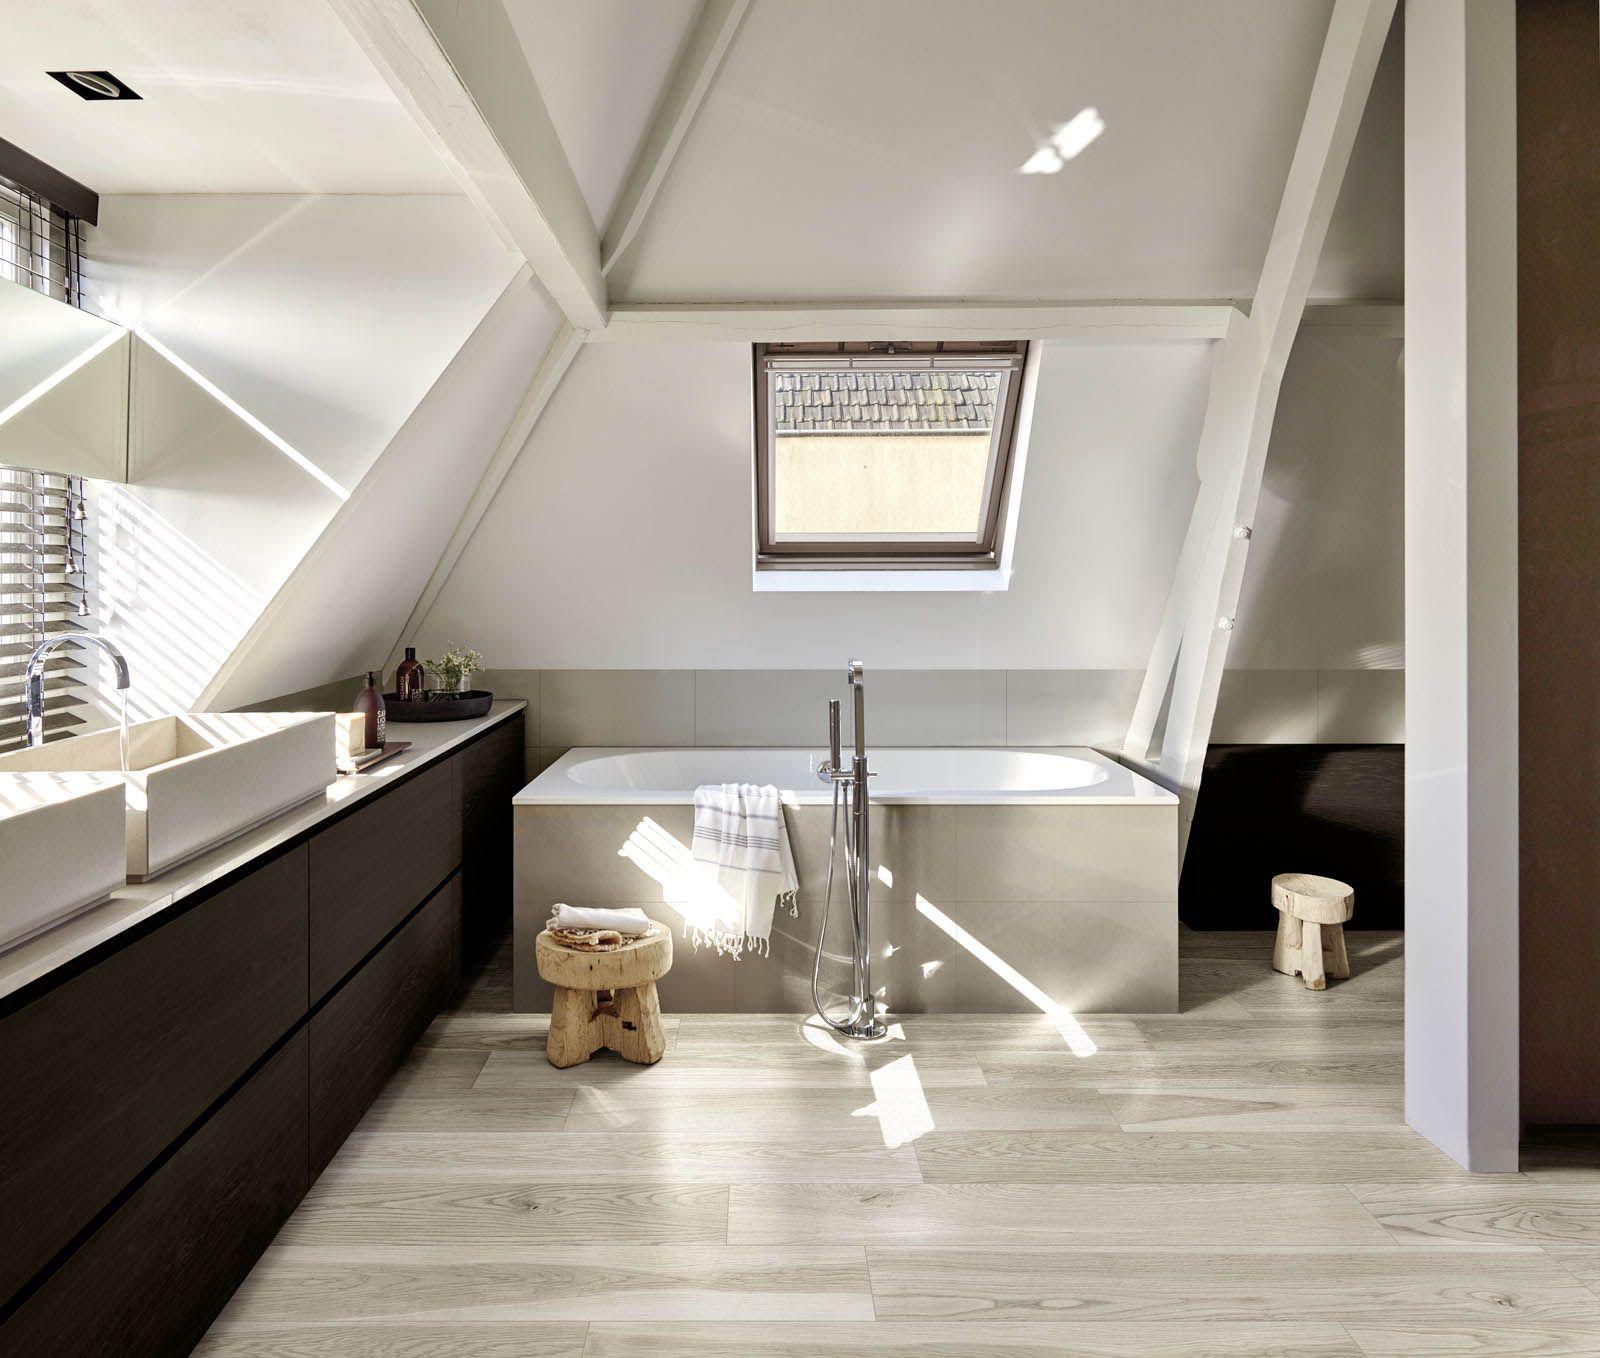 Fliesen Für Das Bad Gestaltungsideen Mit Keramik Und - Badezimmer gestaltungsideen